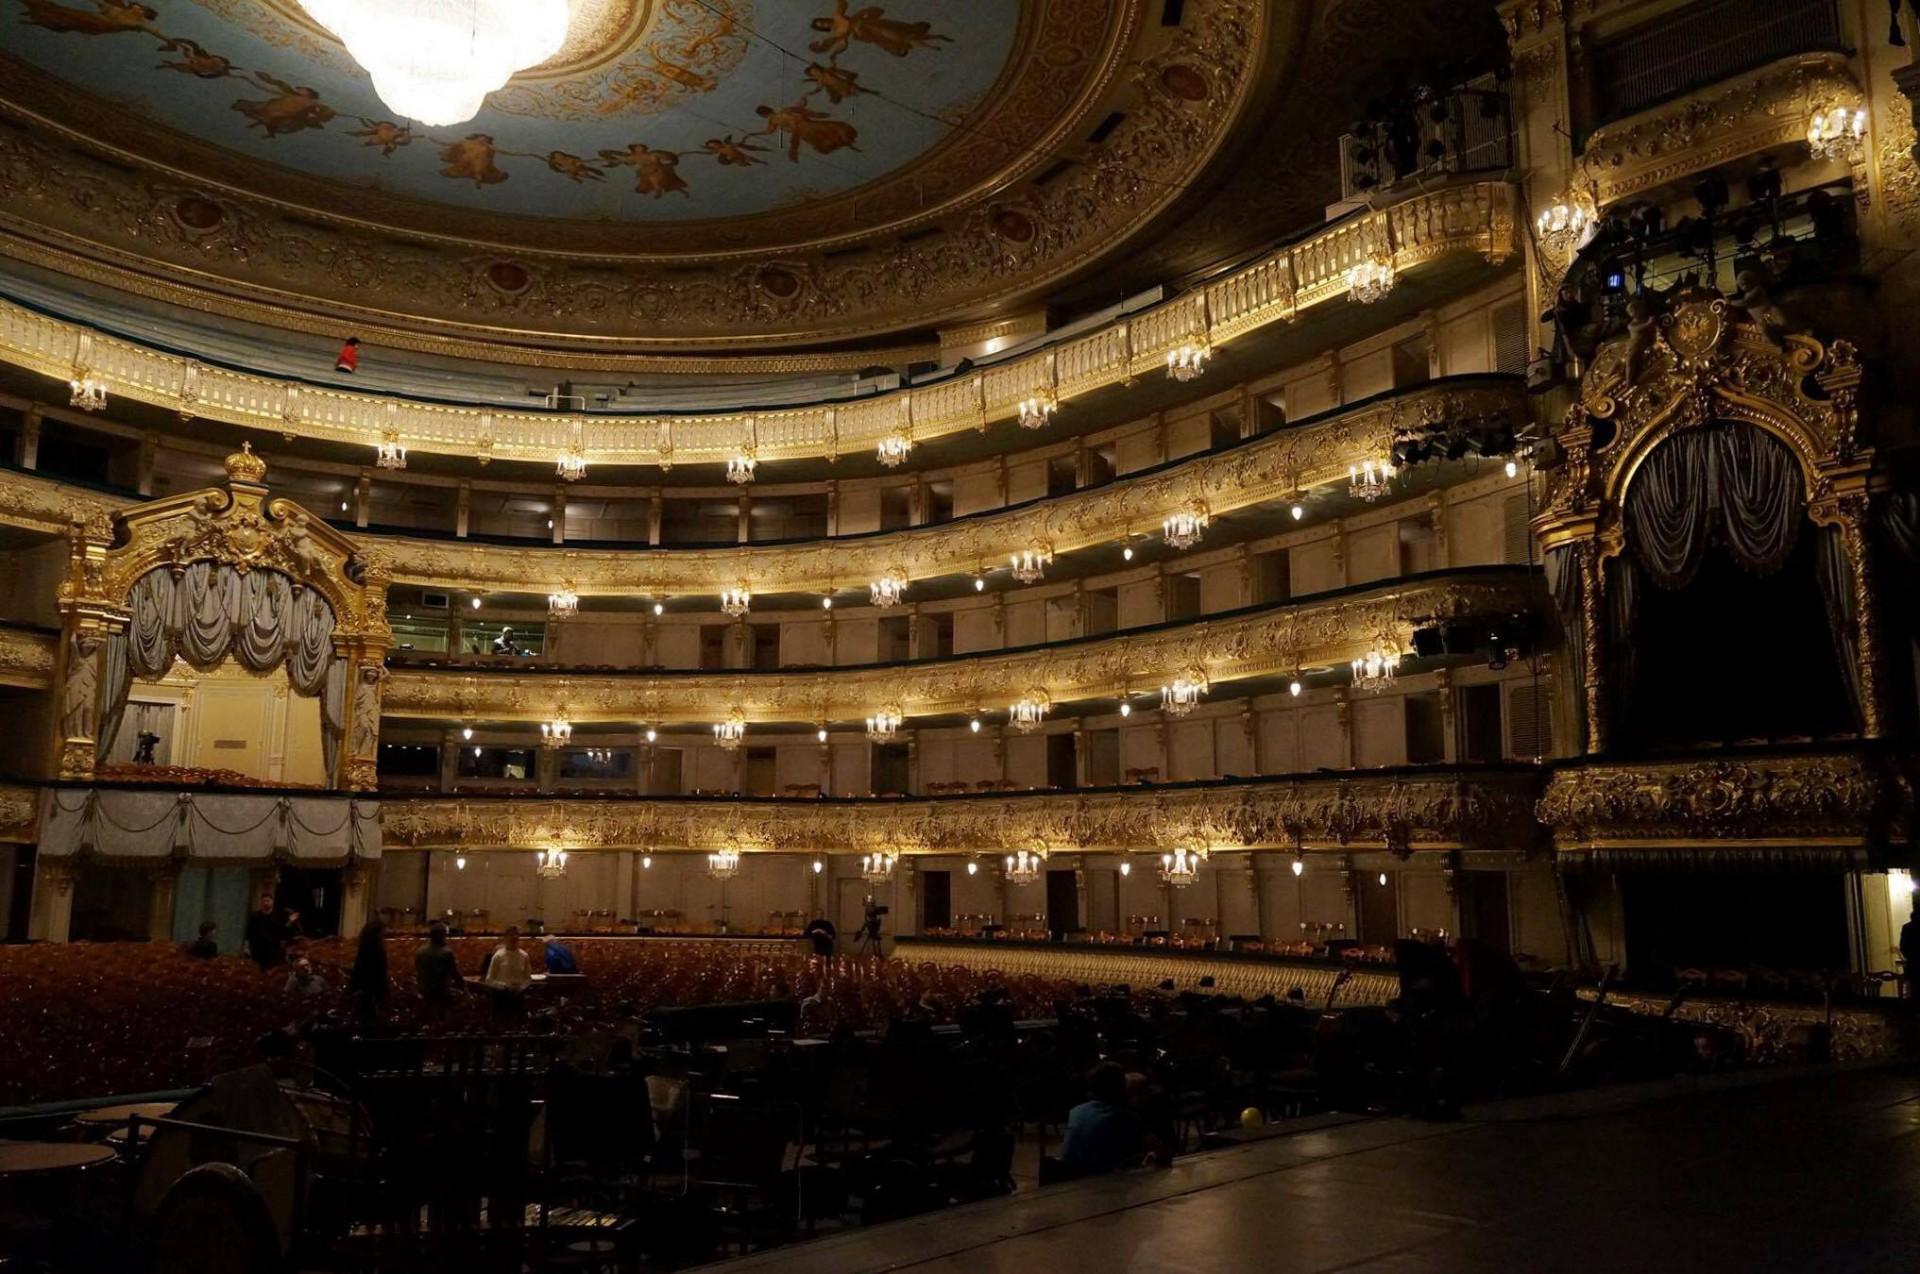 Gostujoči orkester domuje v znamenitem Mariinskem gledališču v Sankt Peterburgu.